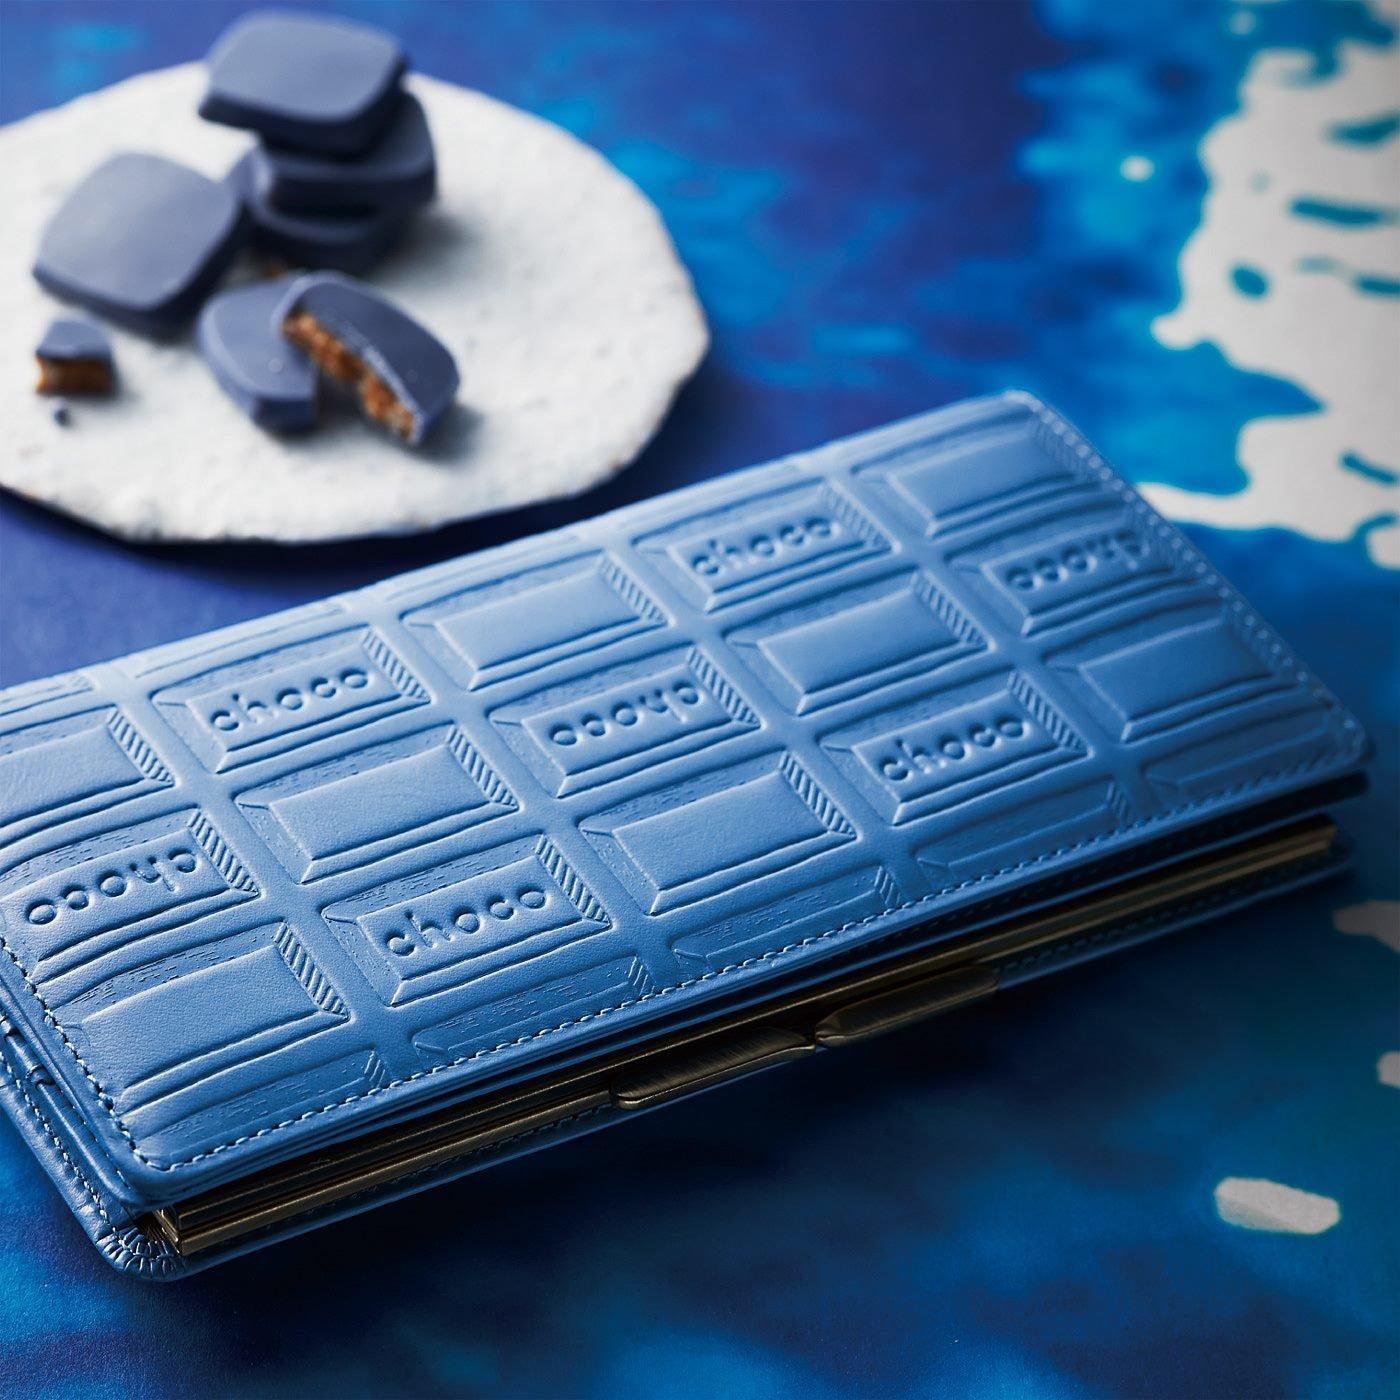 【2月お届け・雑貨便】職人本革のがま口付き板チョコ長財布〈エクセレントブルー〉